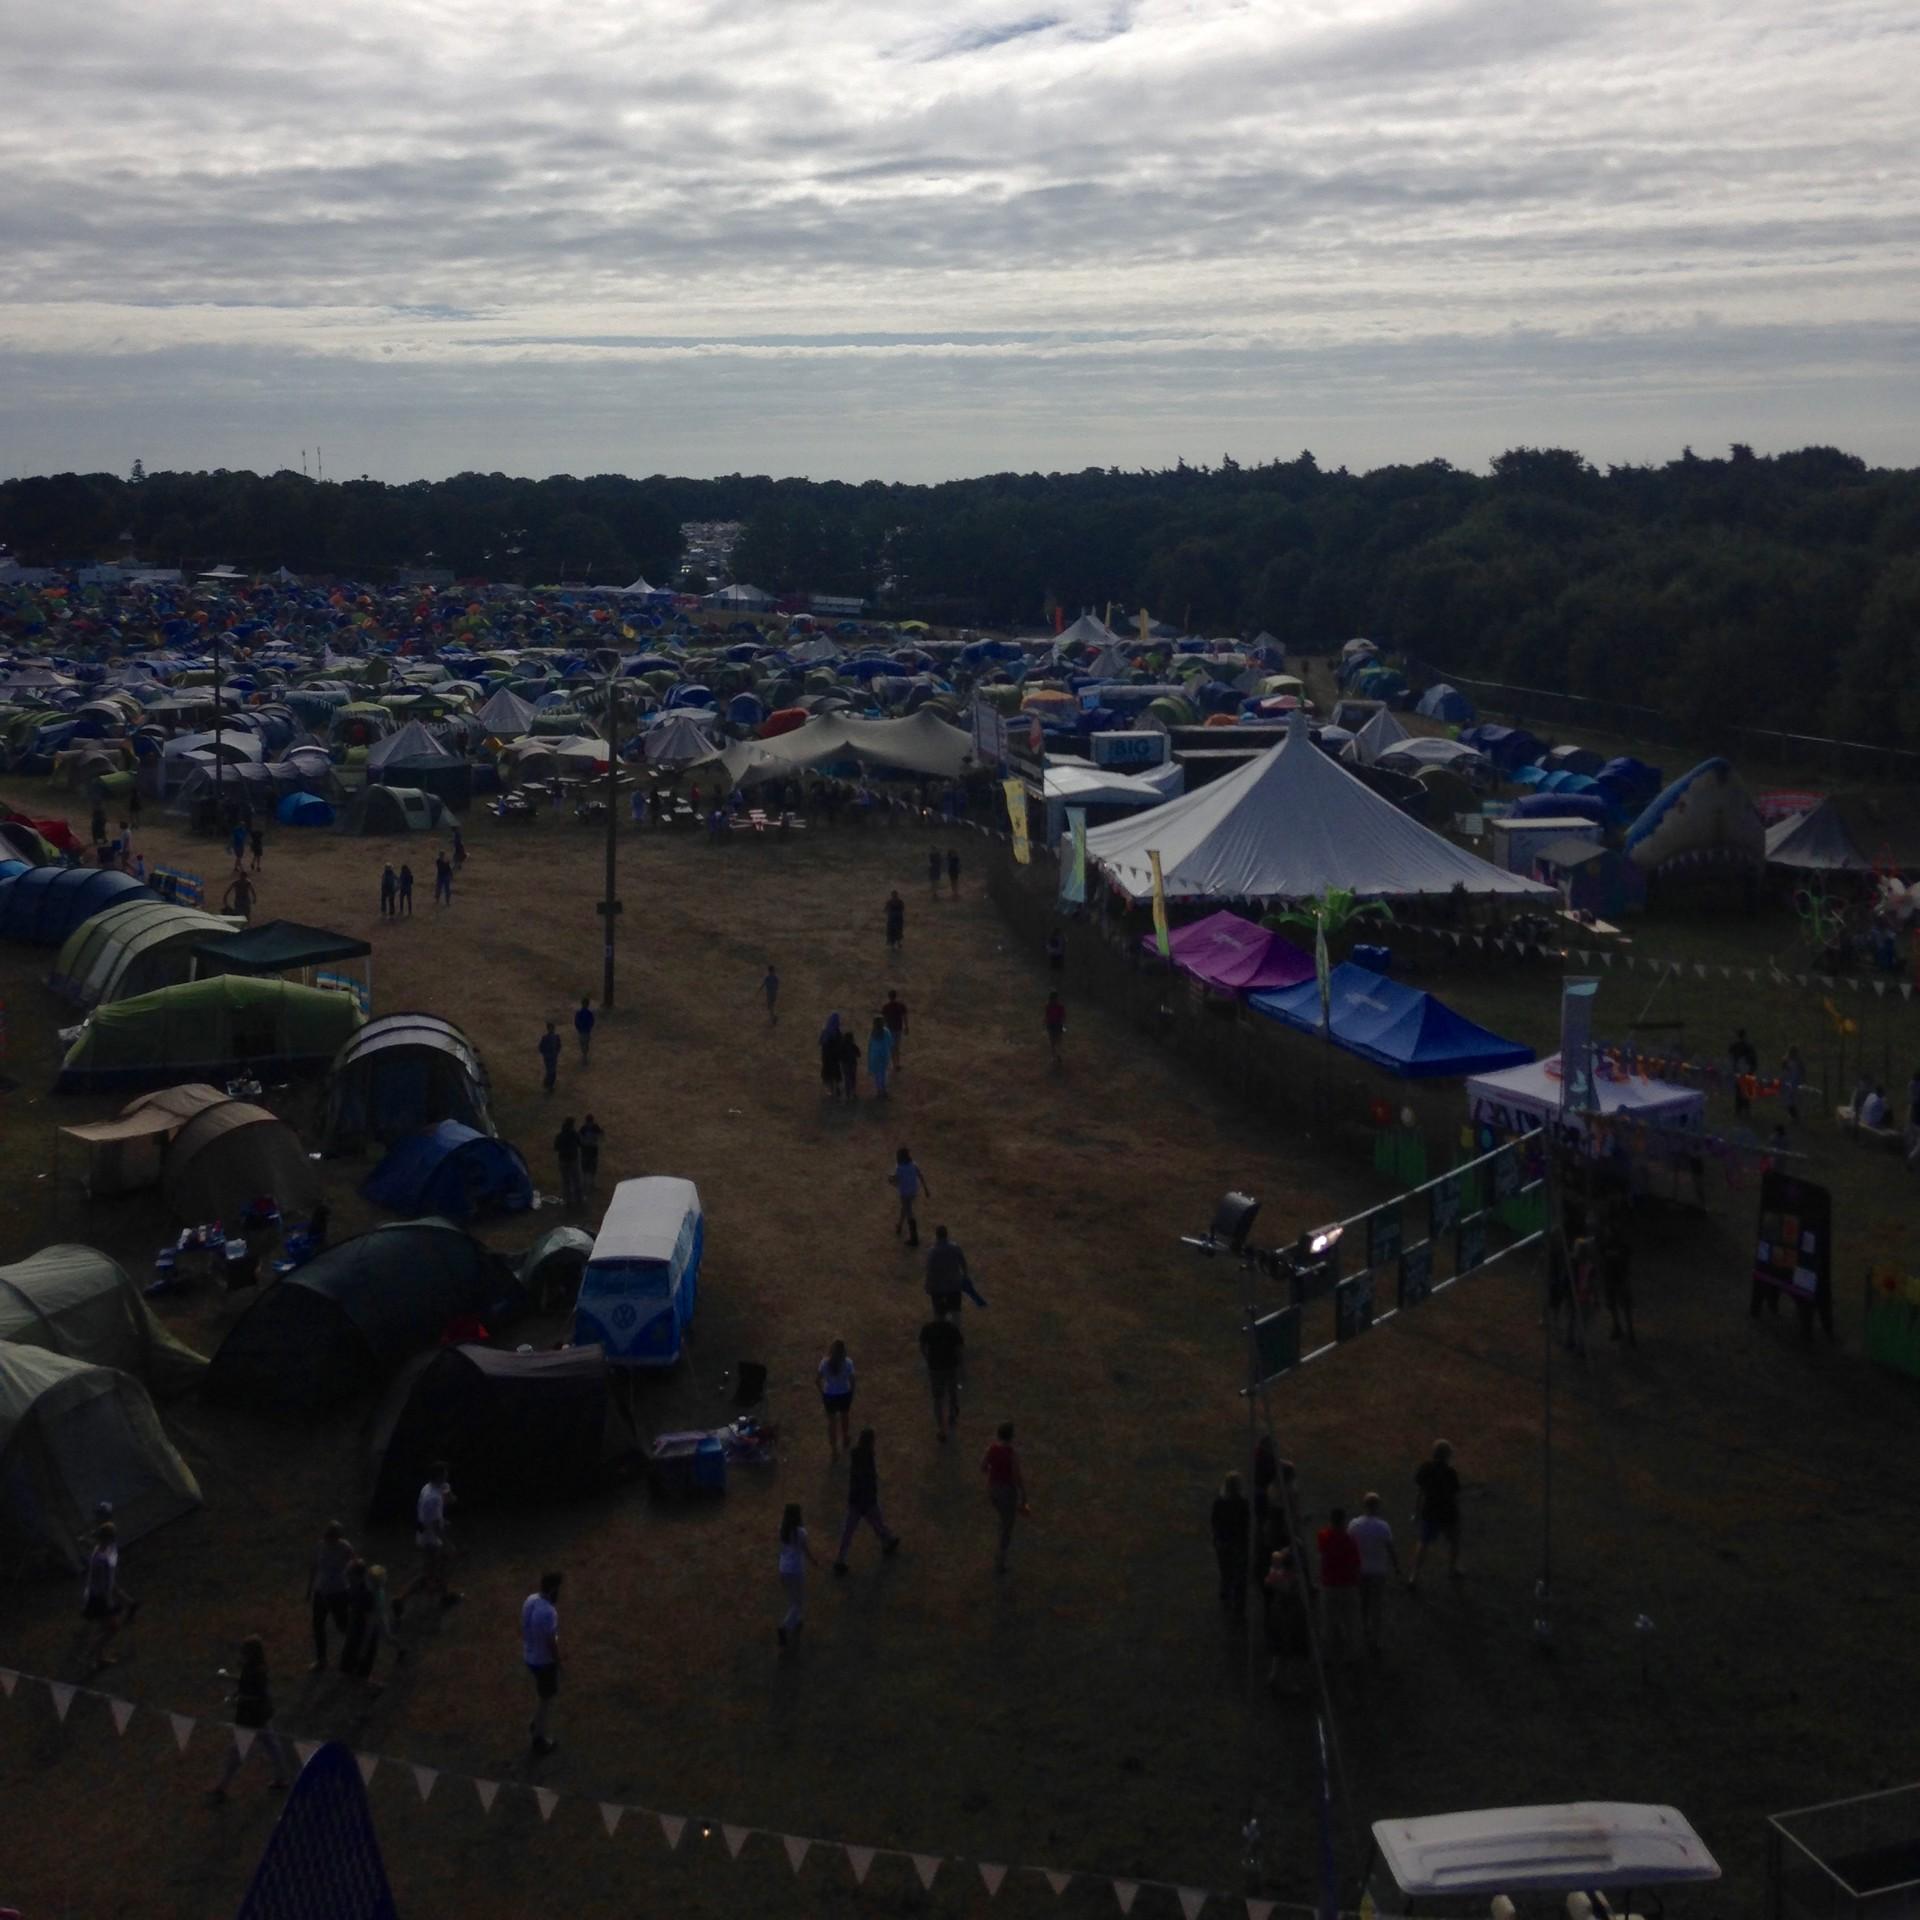 latitude-festival-84da3fbe70a35ddc30a07e